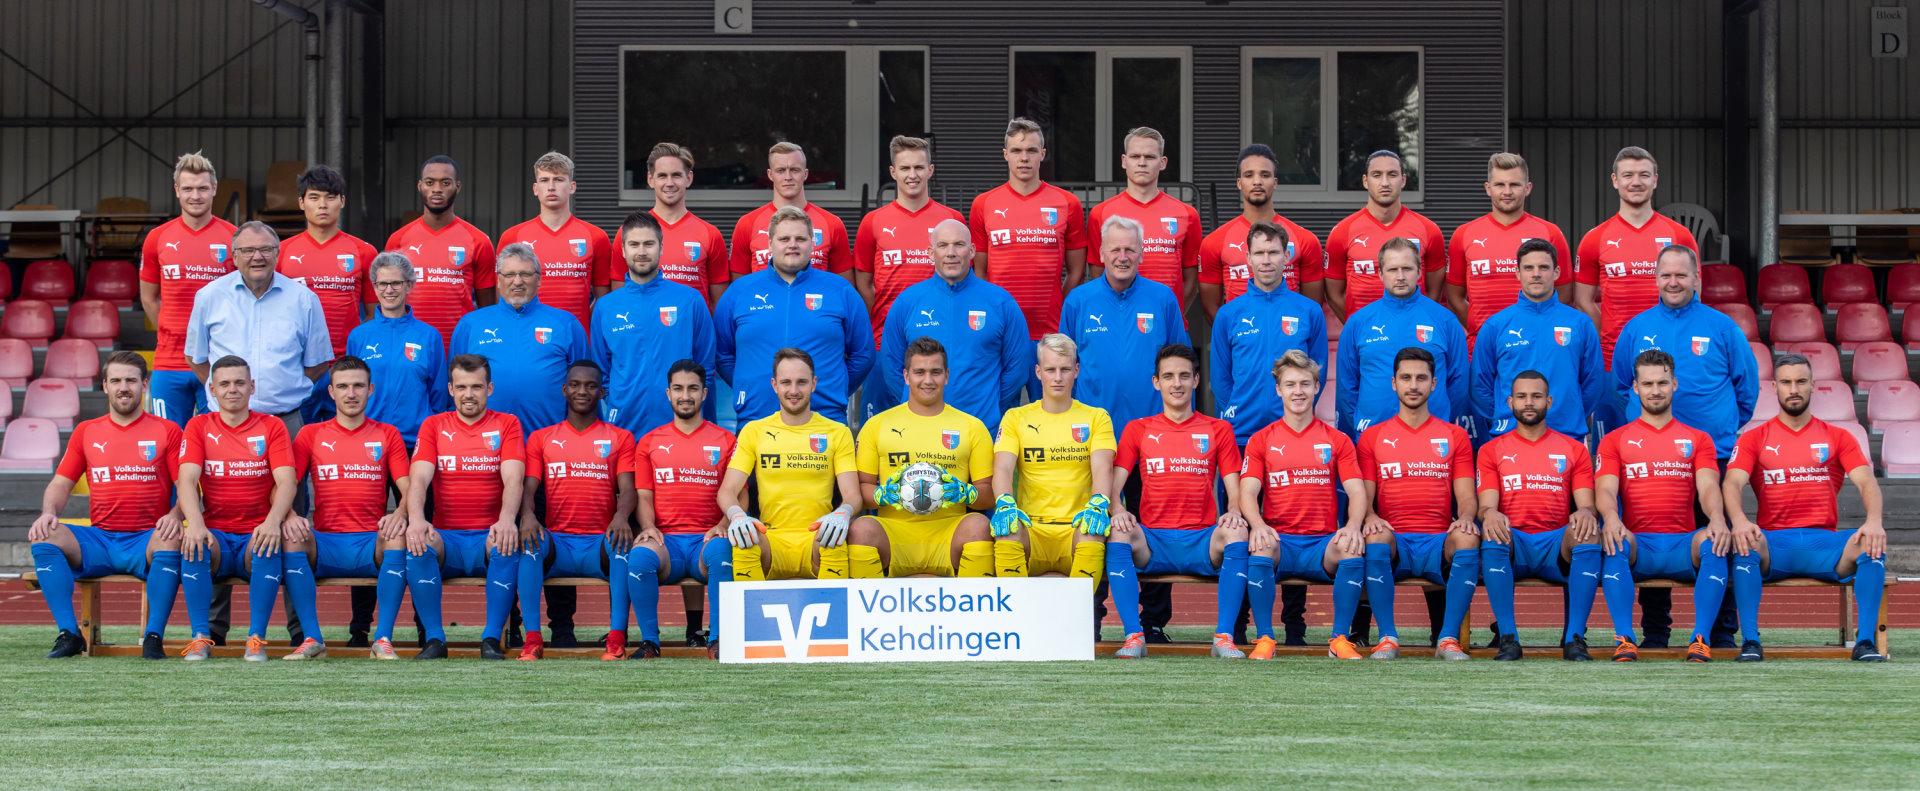 Drochtersen Assel Regionalliga